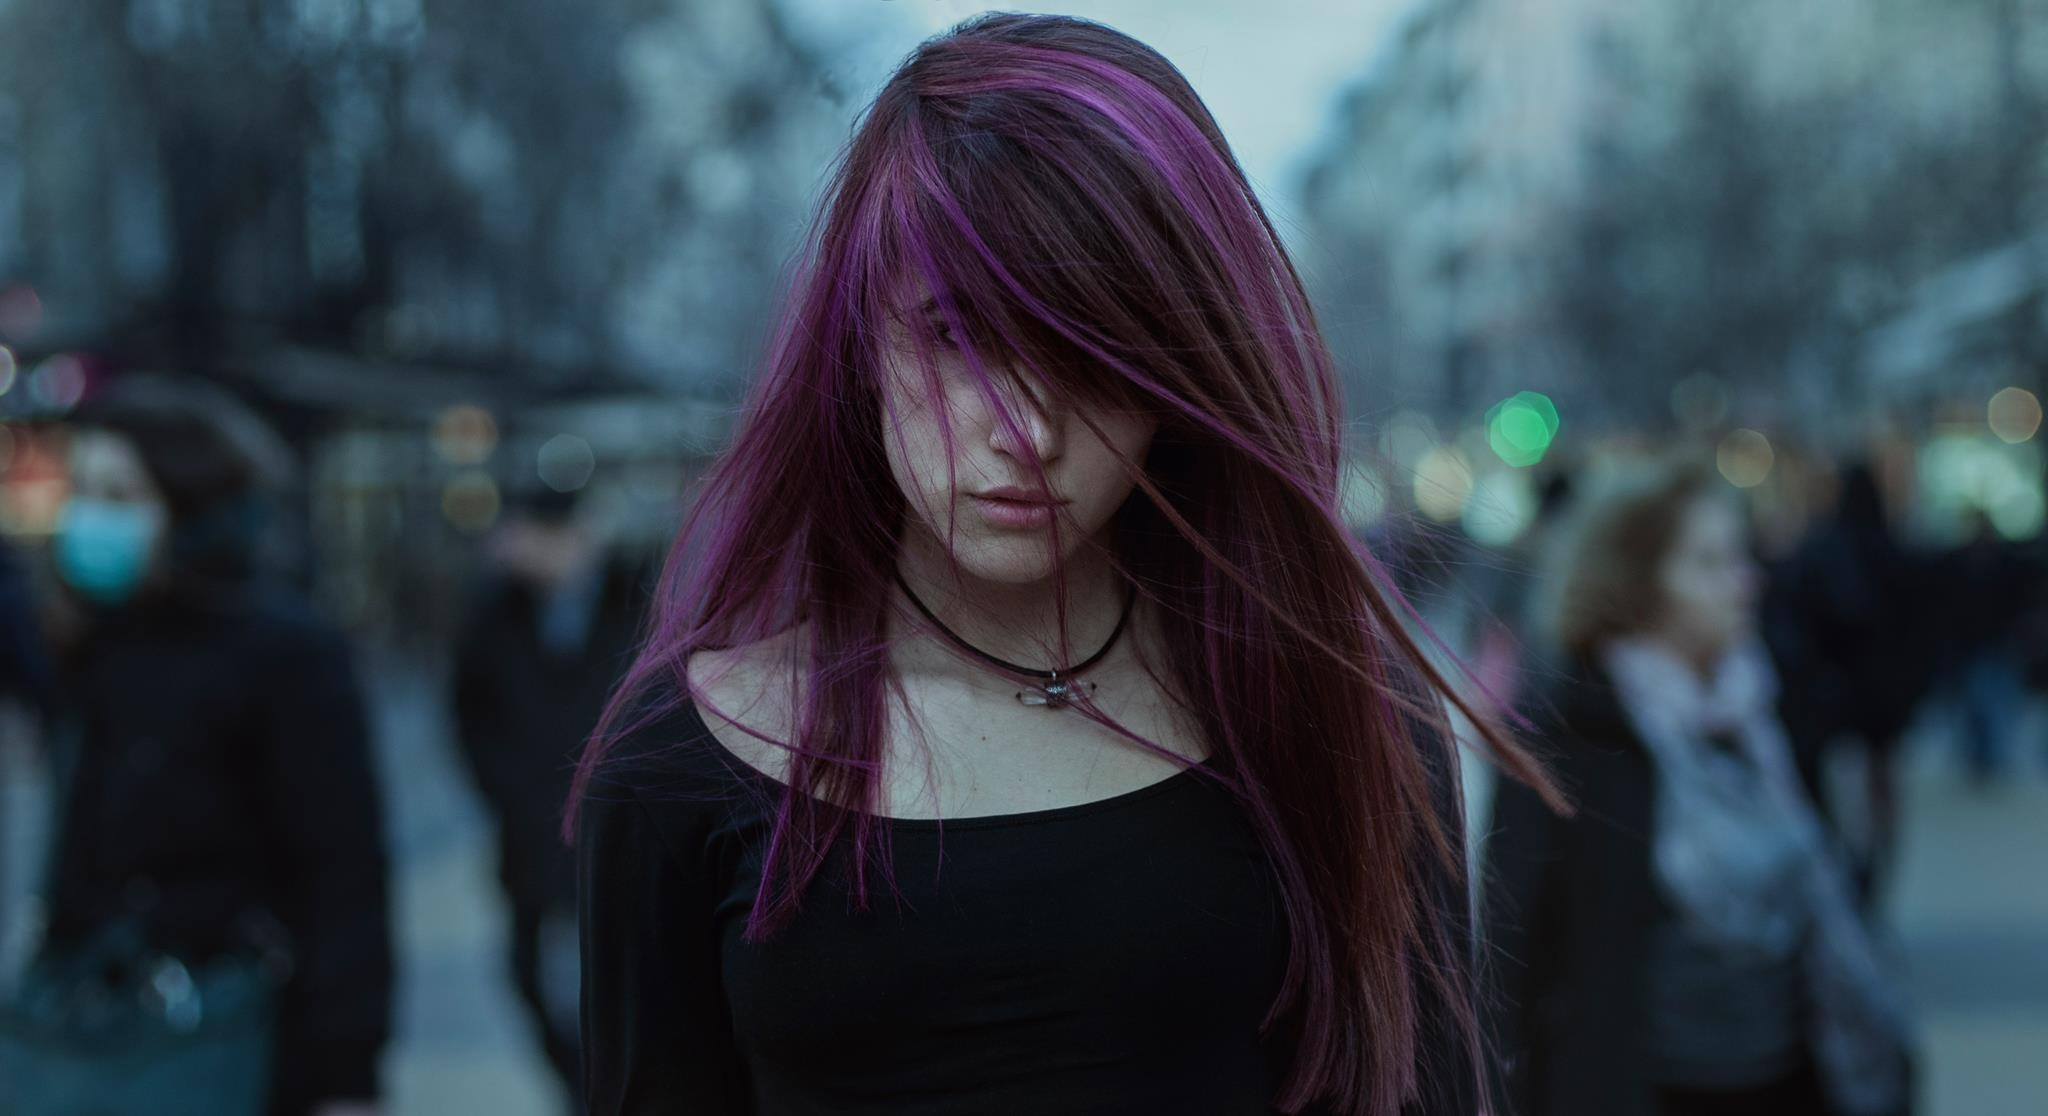 Chinese Cute Girl Hd Wallpaper 720x1280 Purple Hairs Girl Moto G X Xperia Z1 Z3 Compact